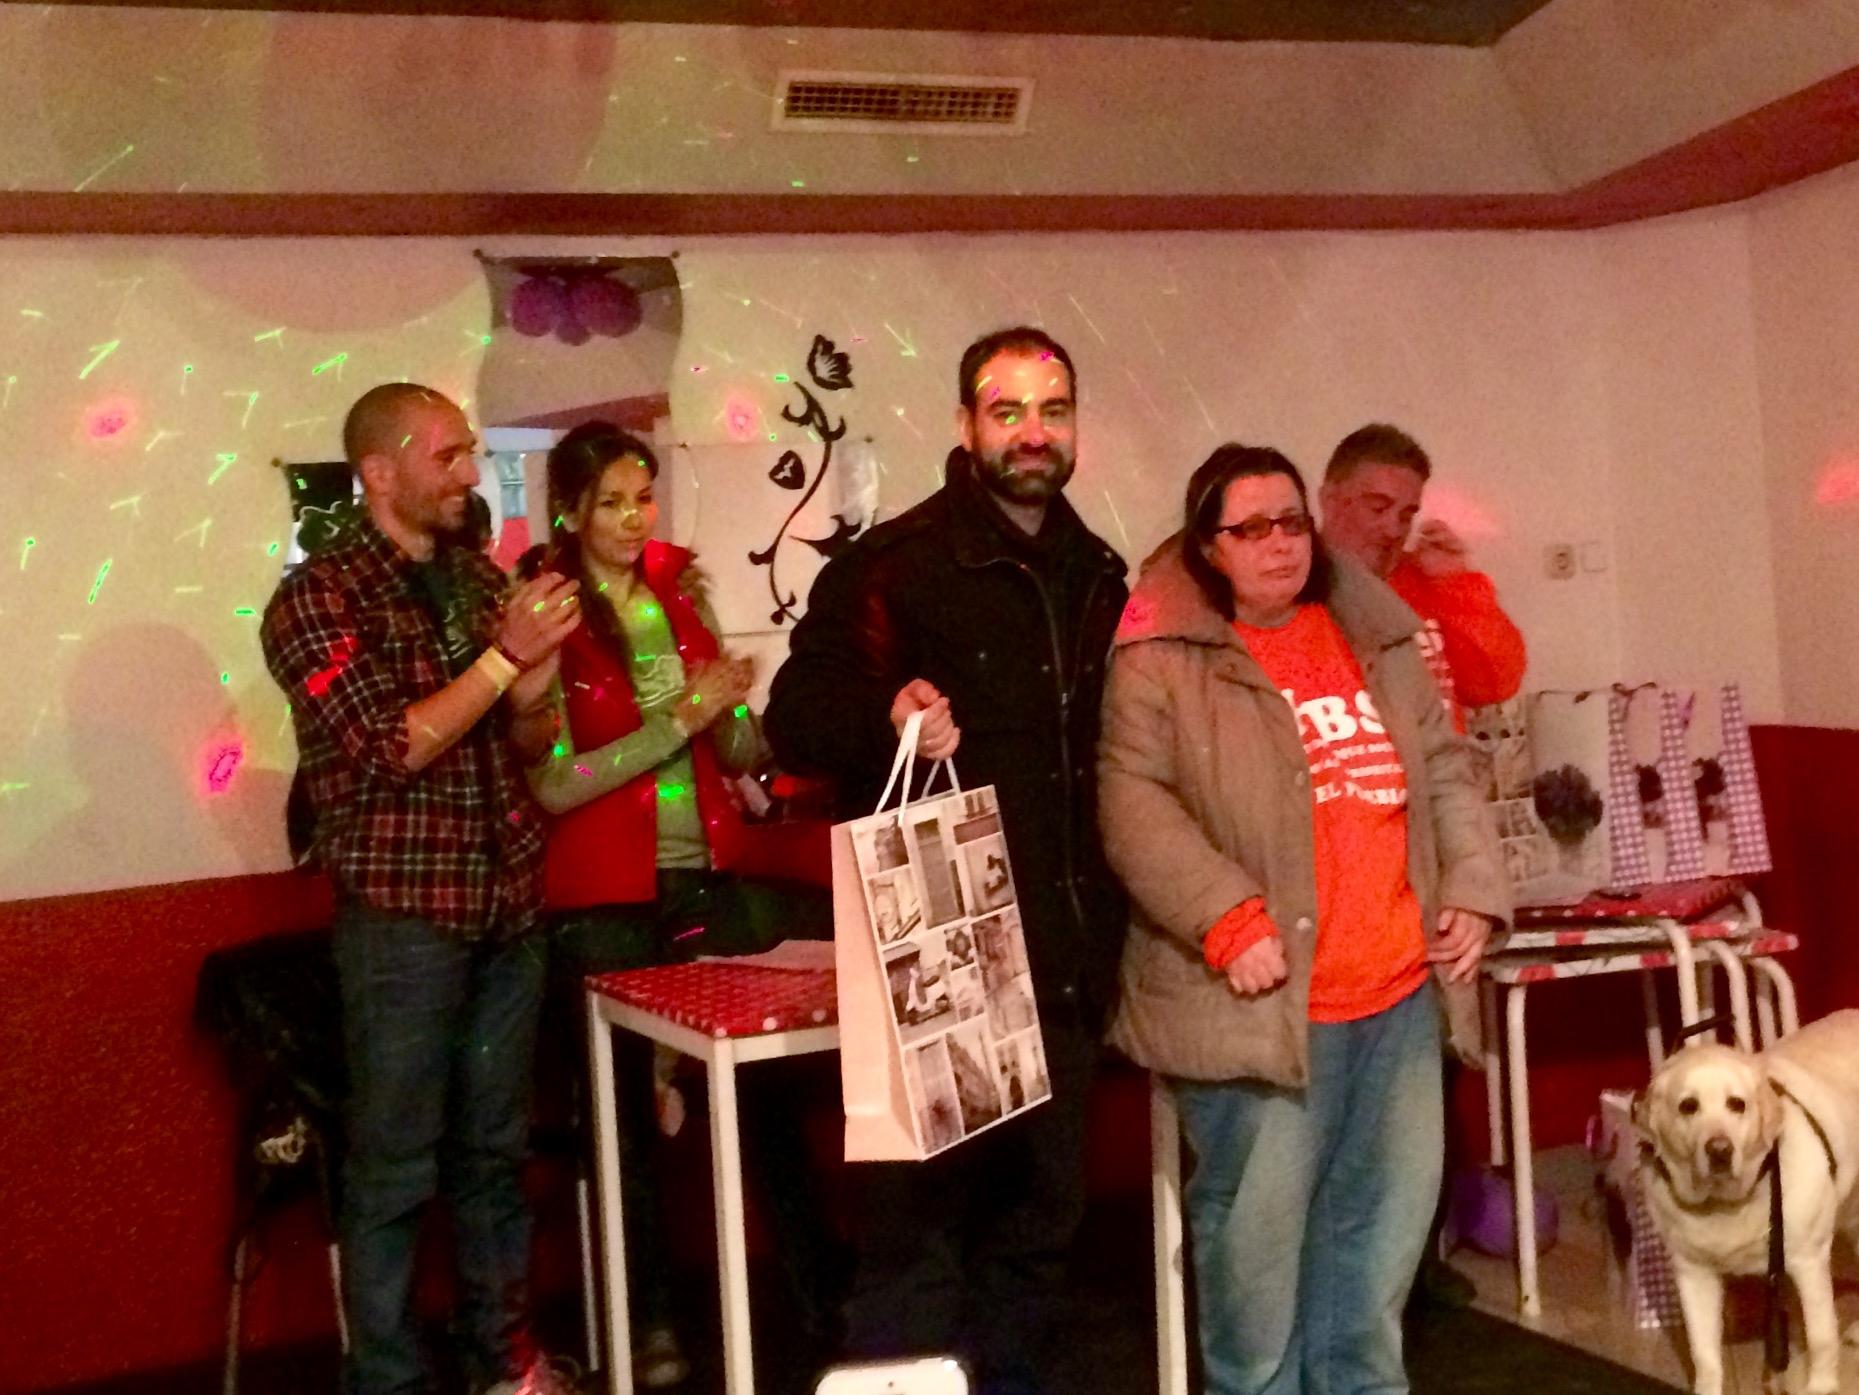 ULEG, premiado por su trabajo de apoyo a las personas con diversidad funcional